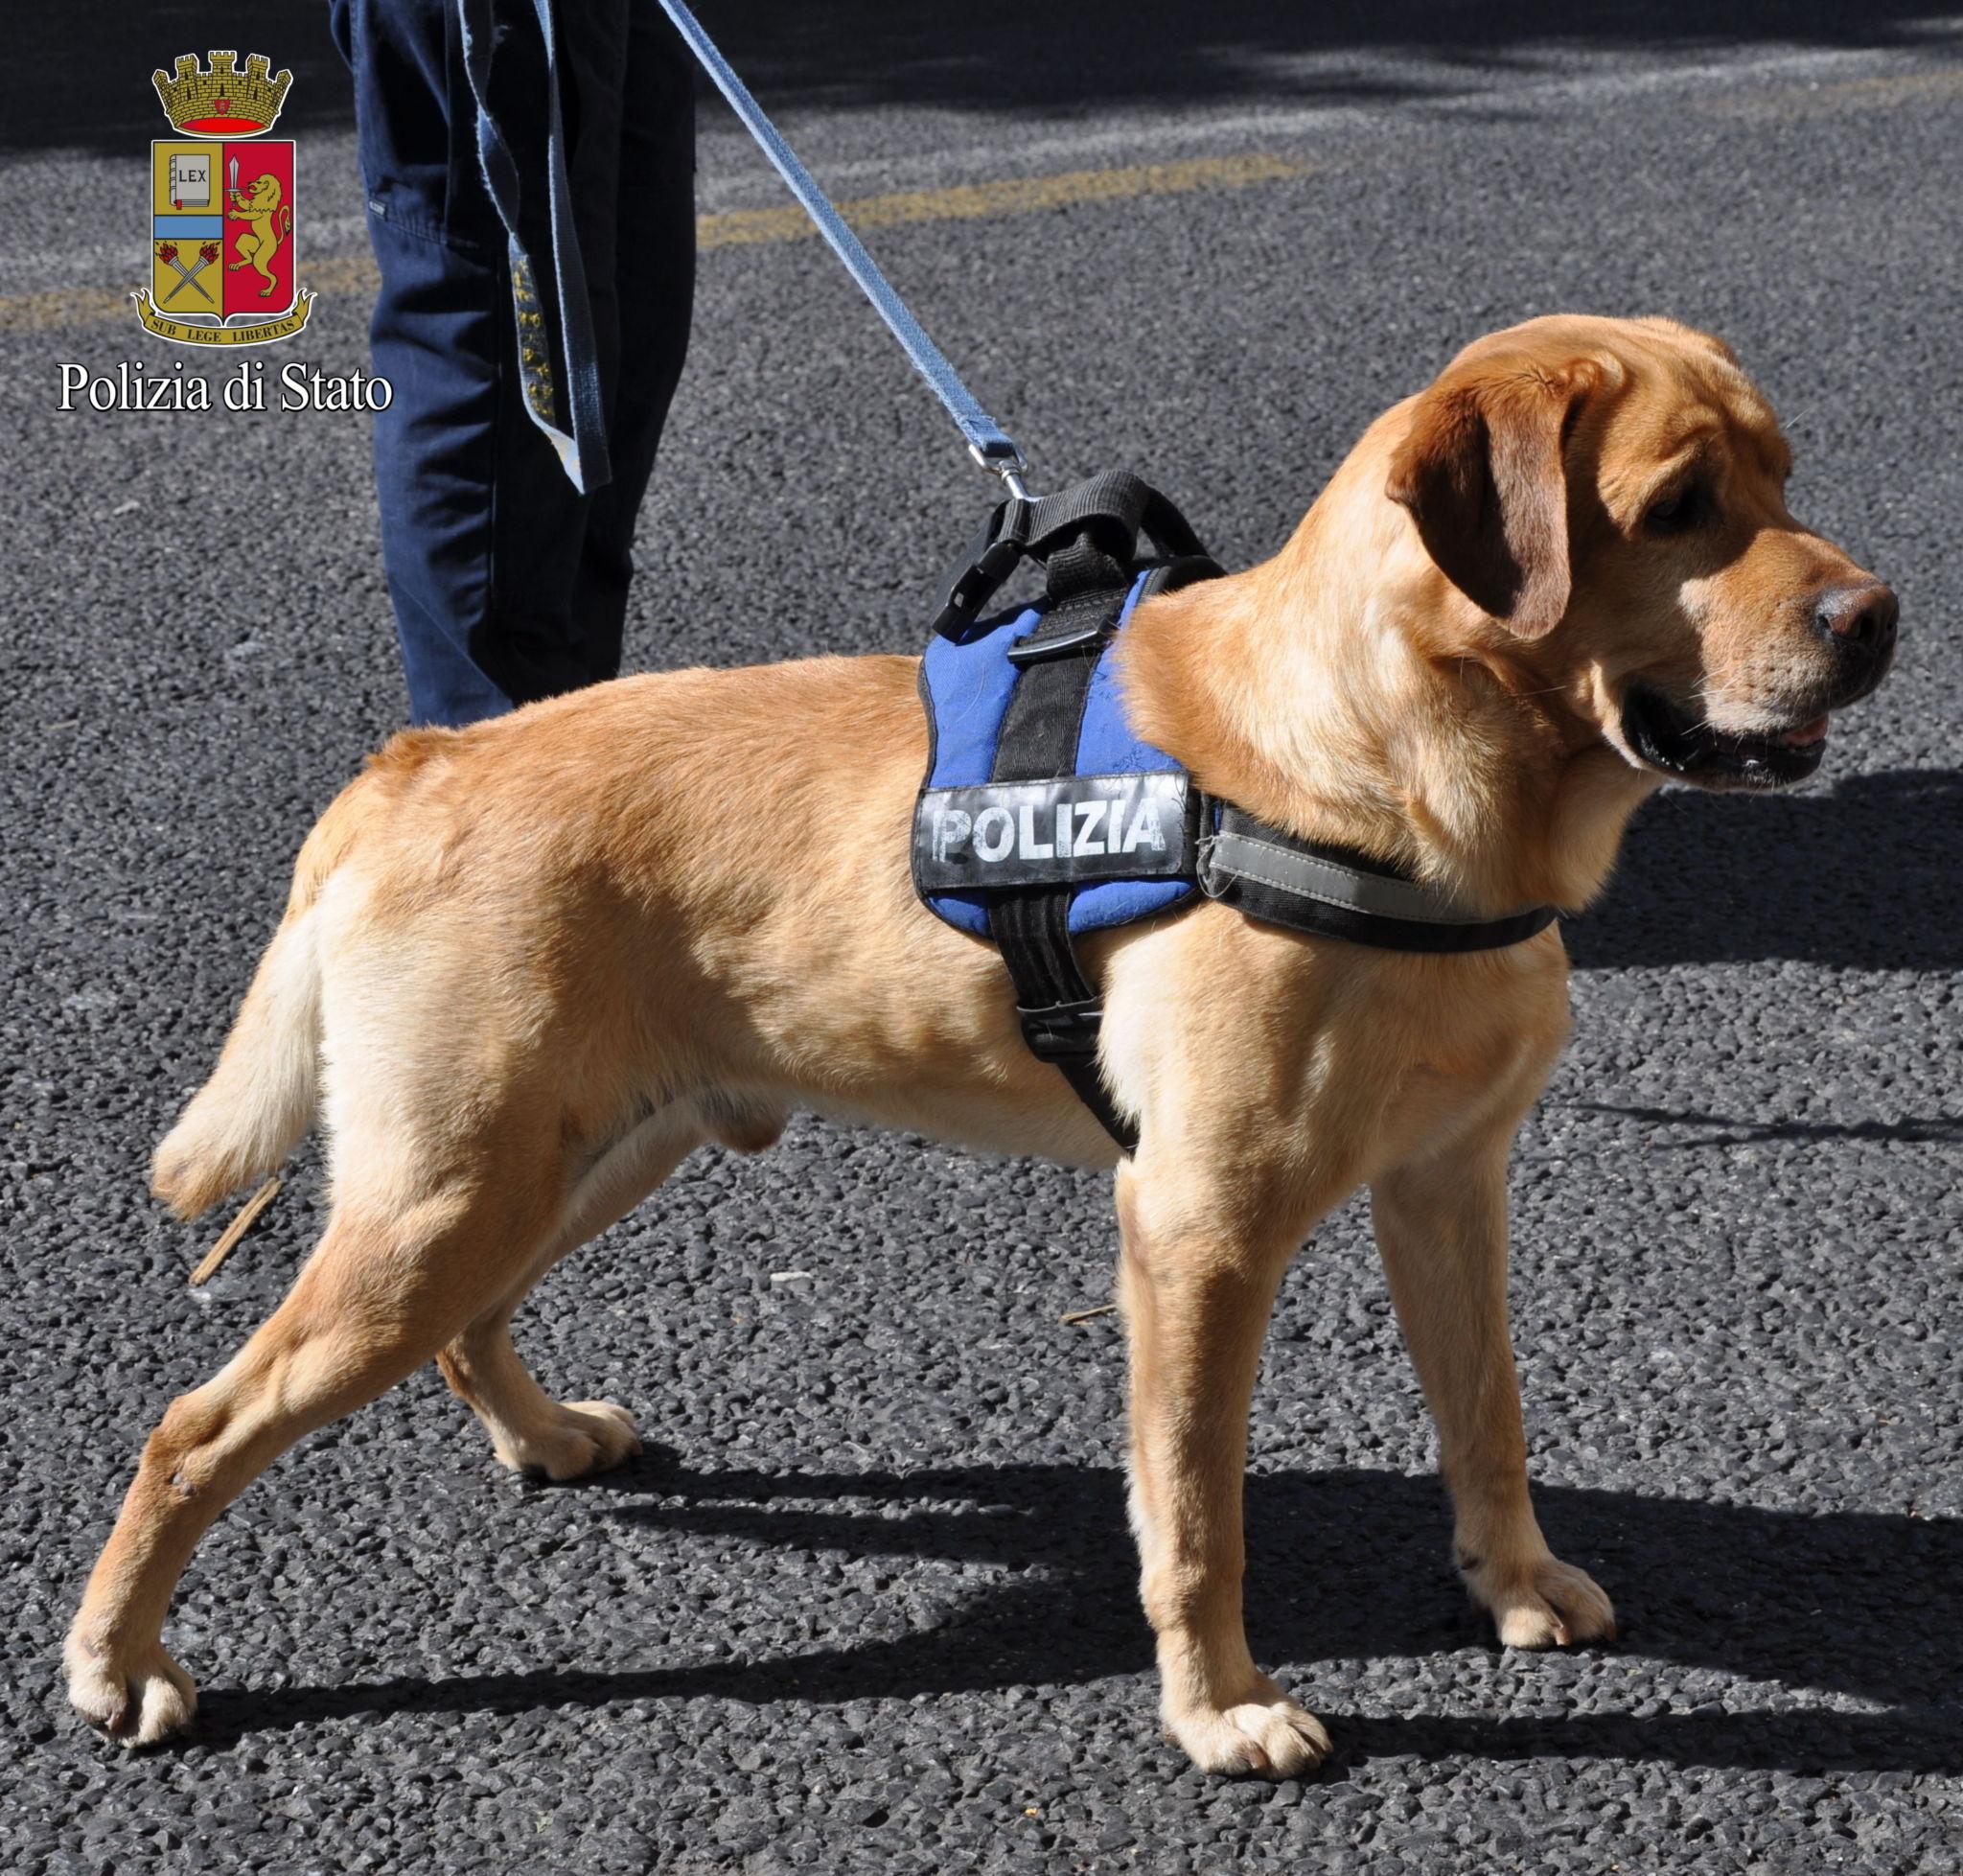 """Frosinone, due denunce per porto di armi atte a offendere. Nei guai anche due persone a Sora grazie al fiuto del cane anti droga """"Enduro"""""""